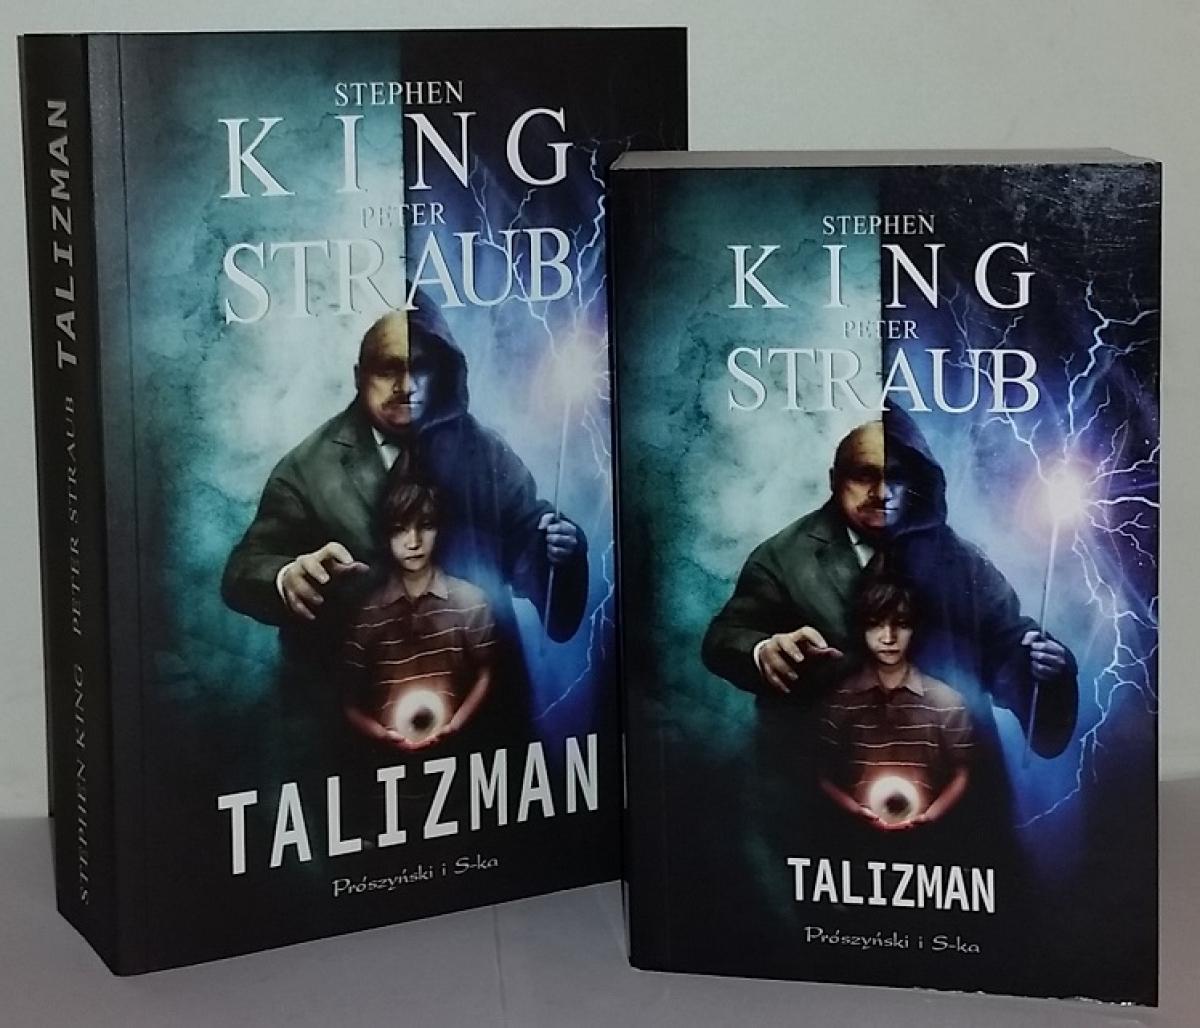 """""""Talizman"""" - książka w wydaniu standardowym i kieszonkowym - obrazek"""